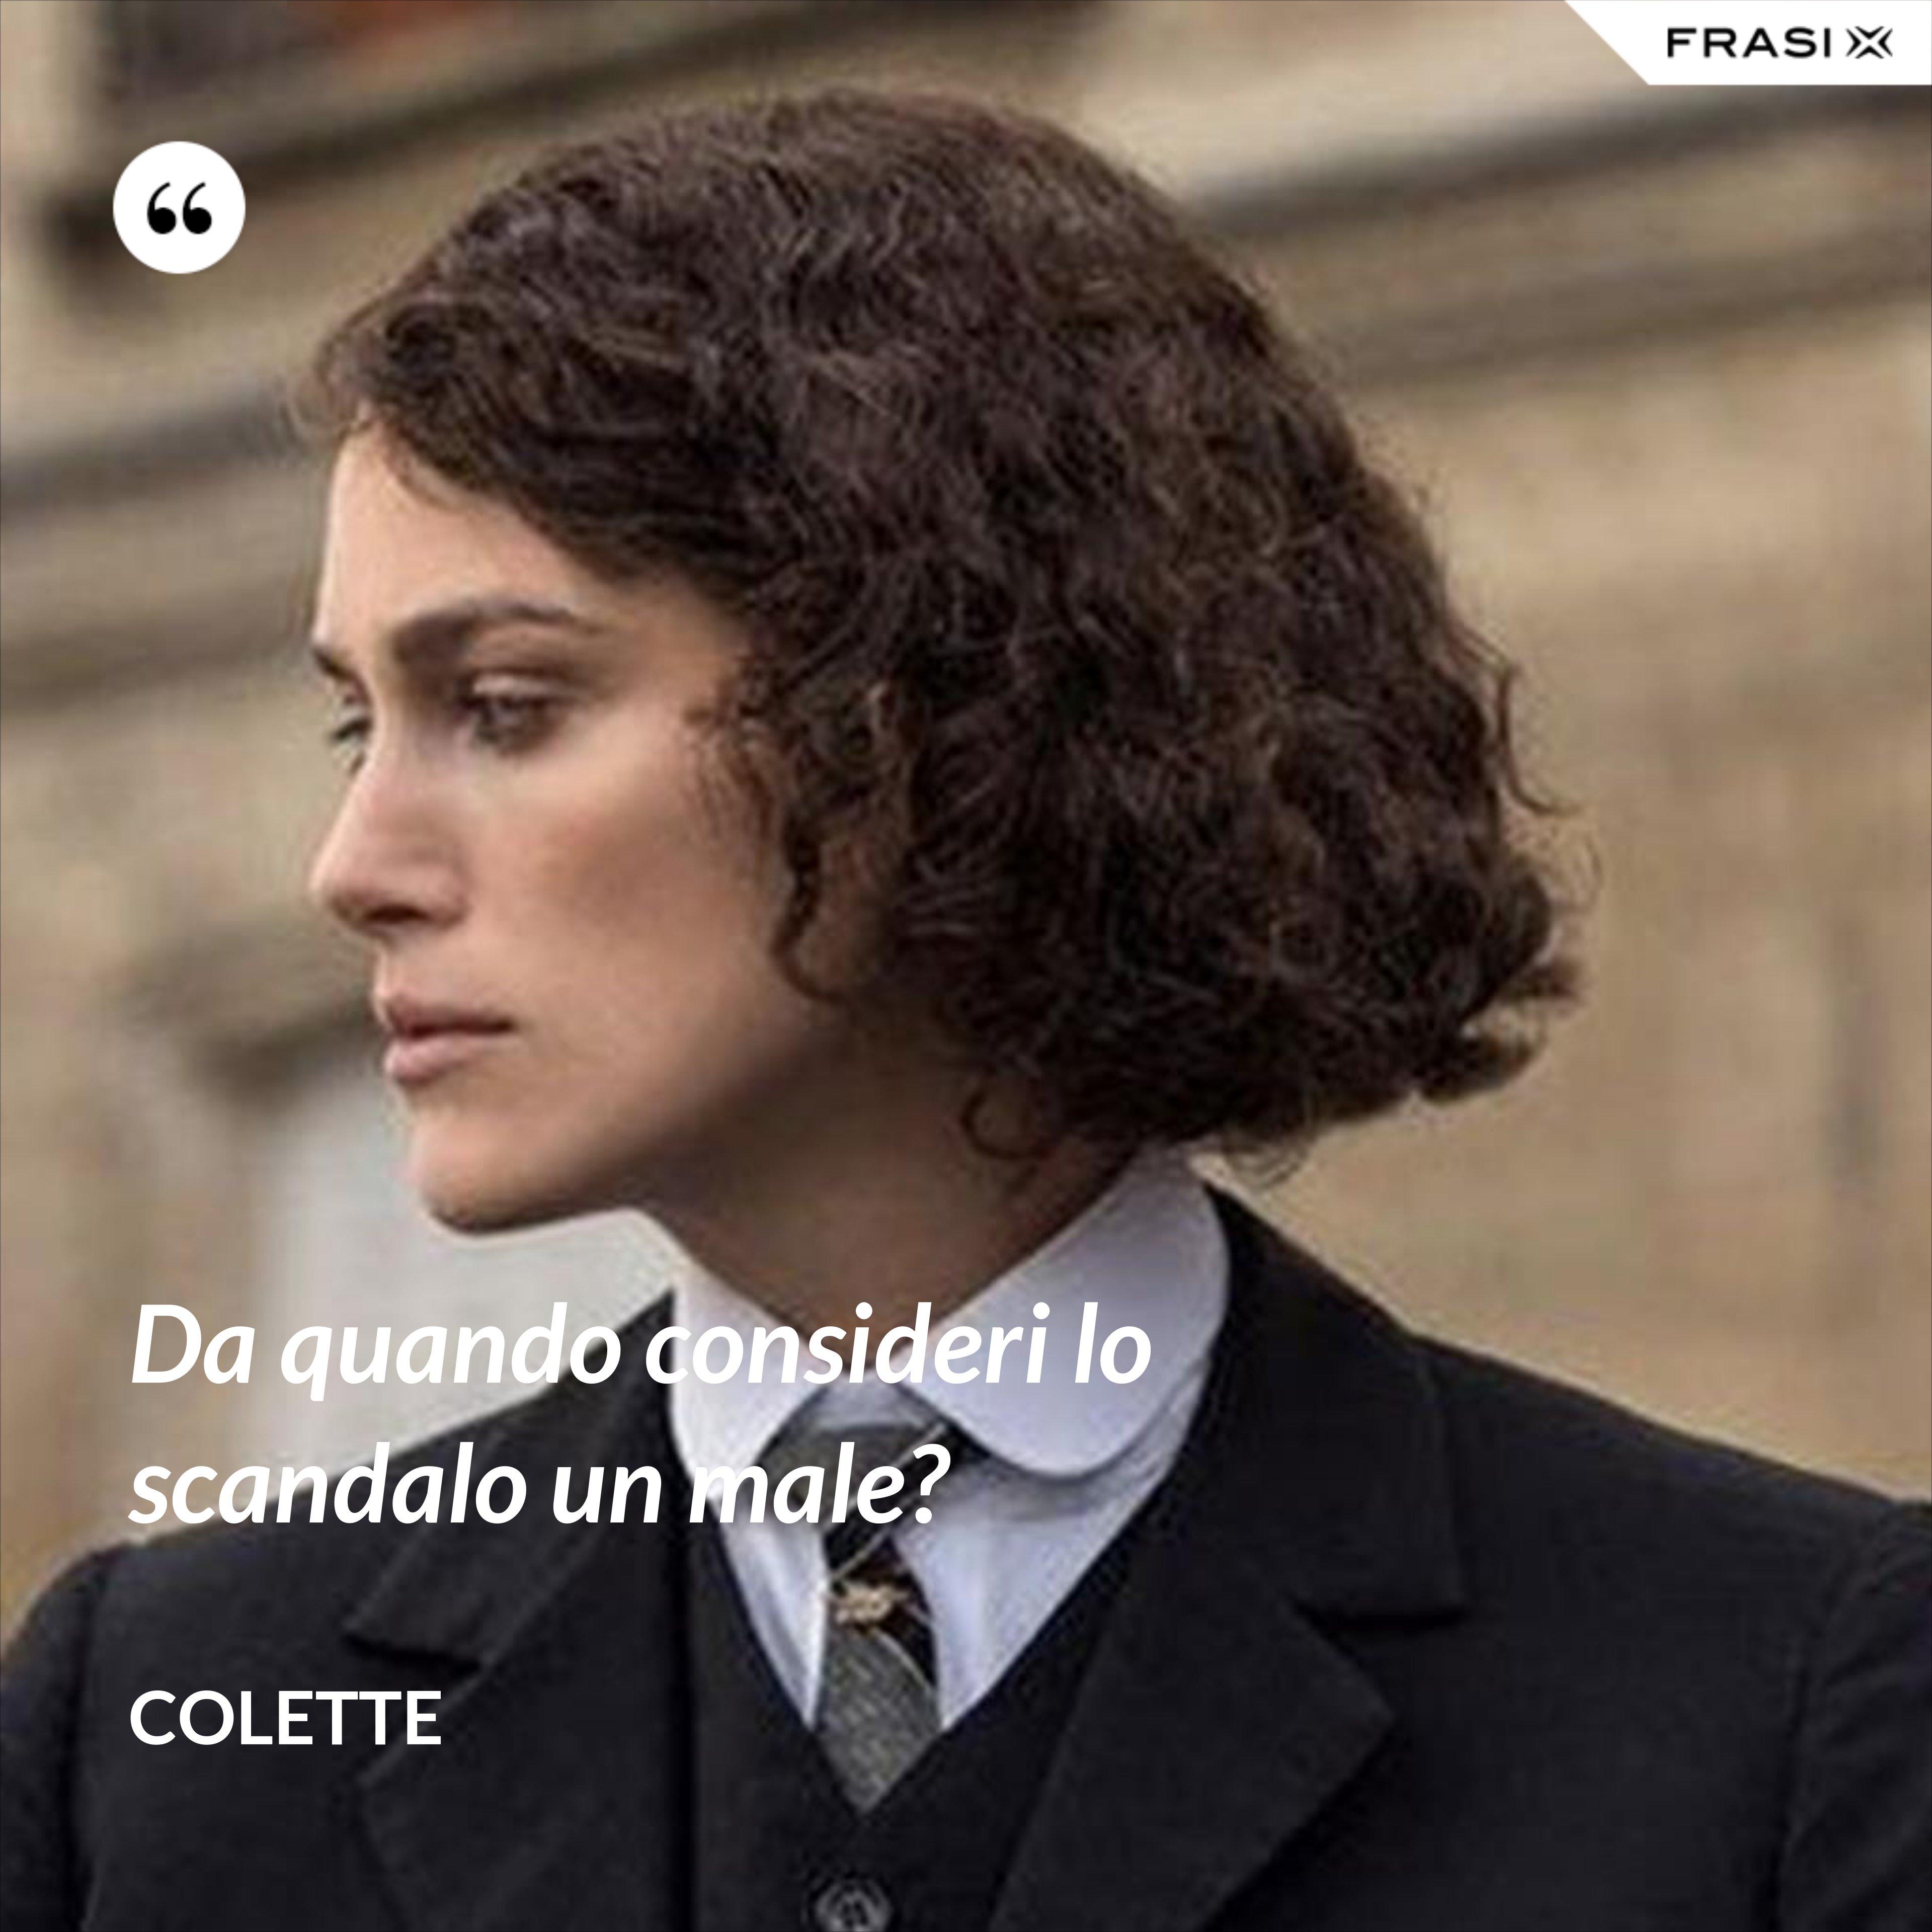 Da quando consideri lo scandalo un male? - Colette